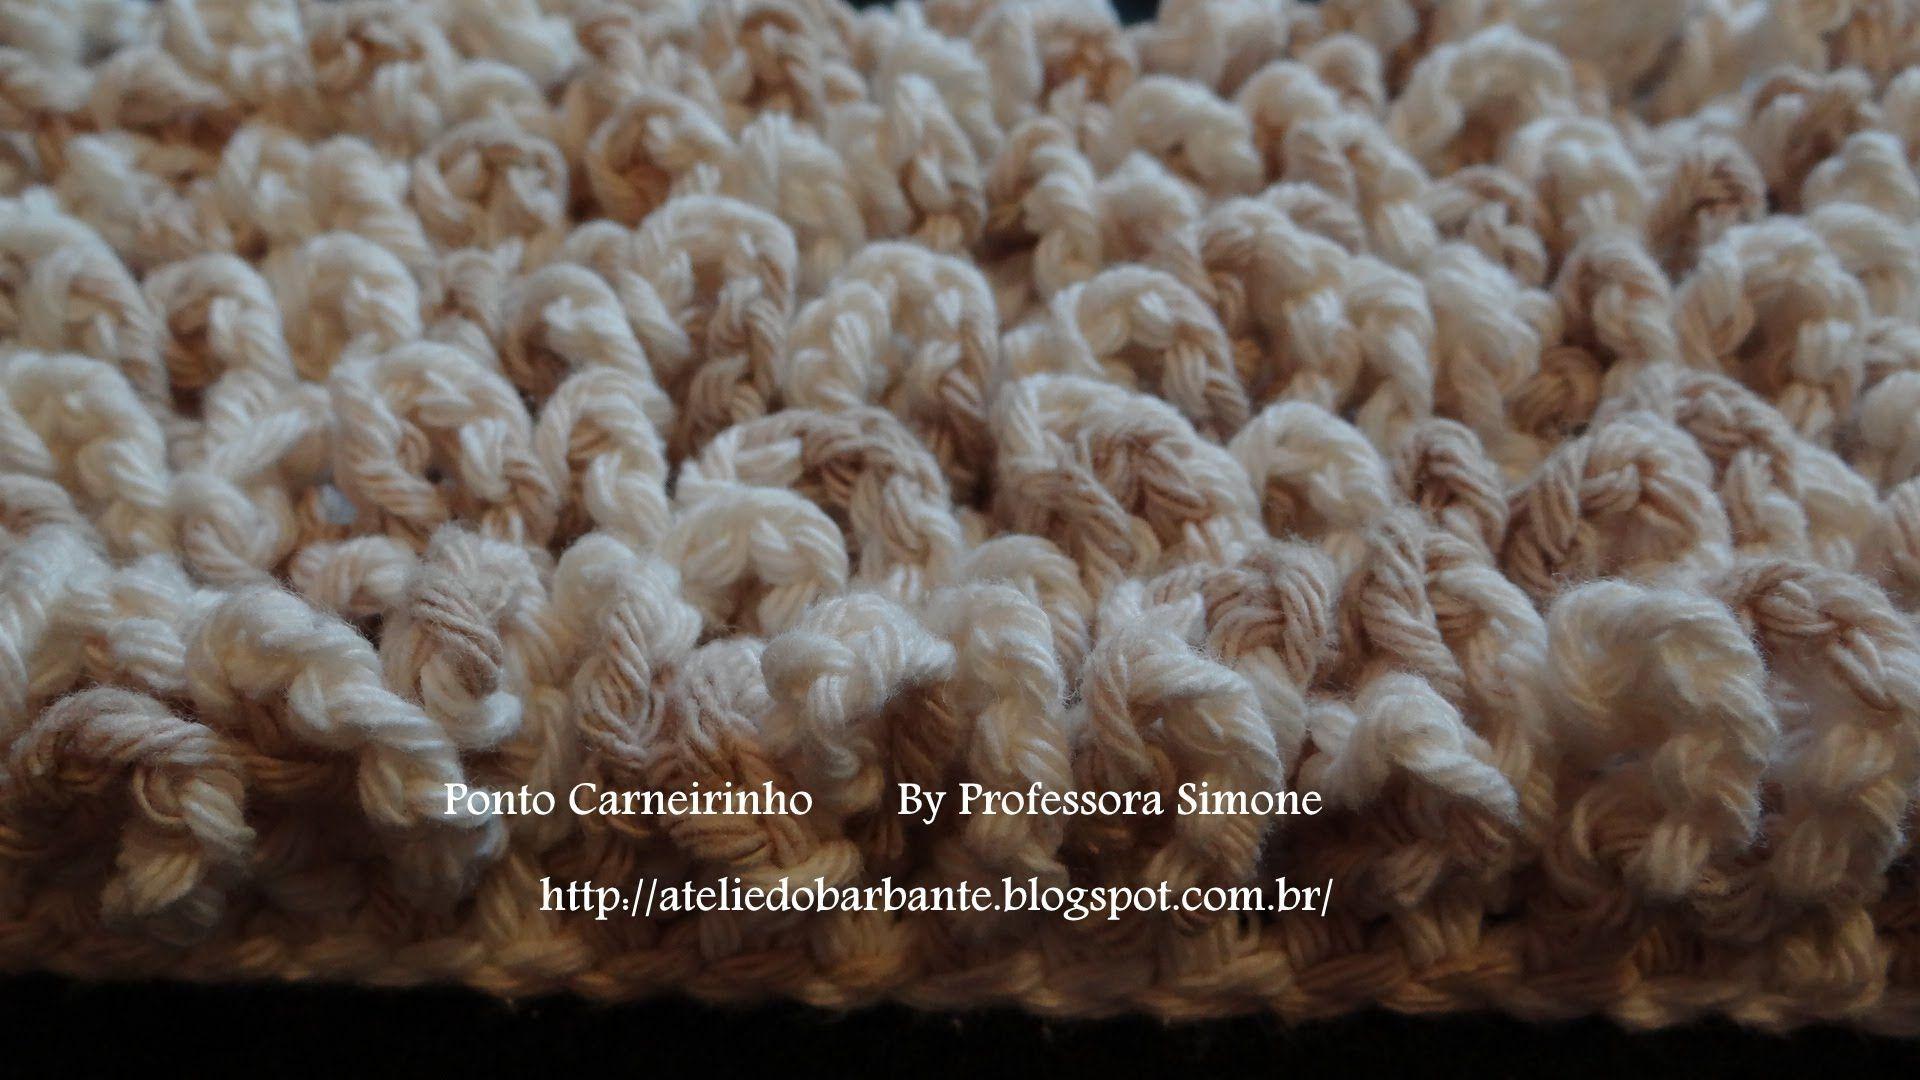 Passo a passo Ponto Carneirinho em Crochê (Ótima ideia de tapete ... 236797cb216